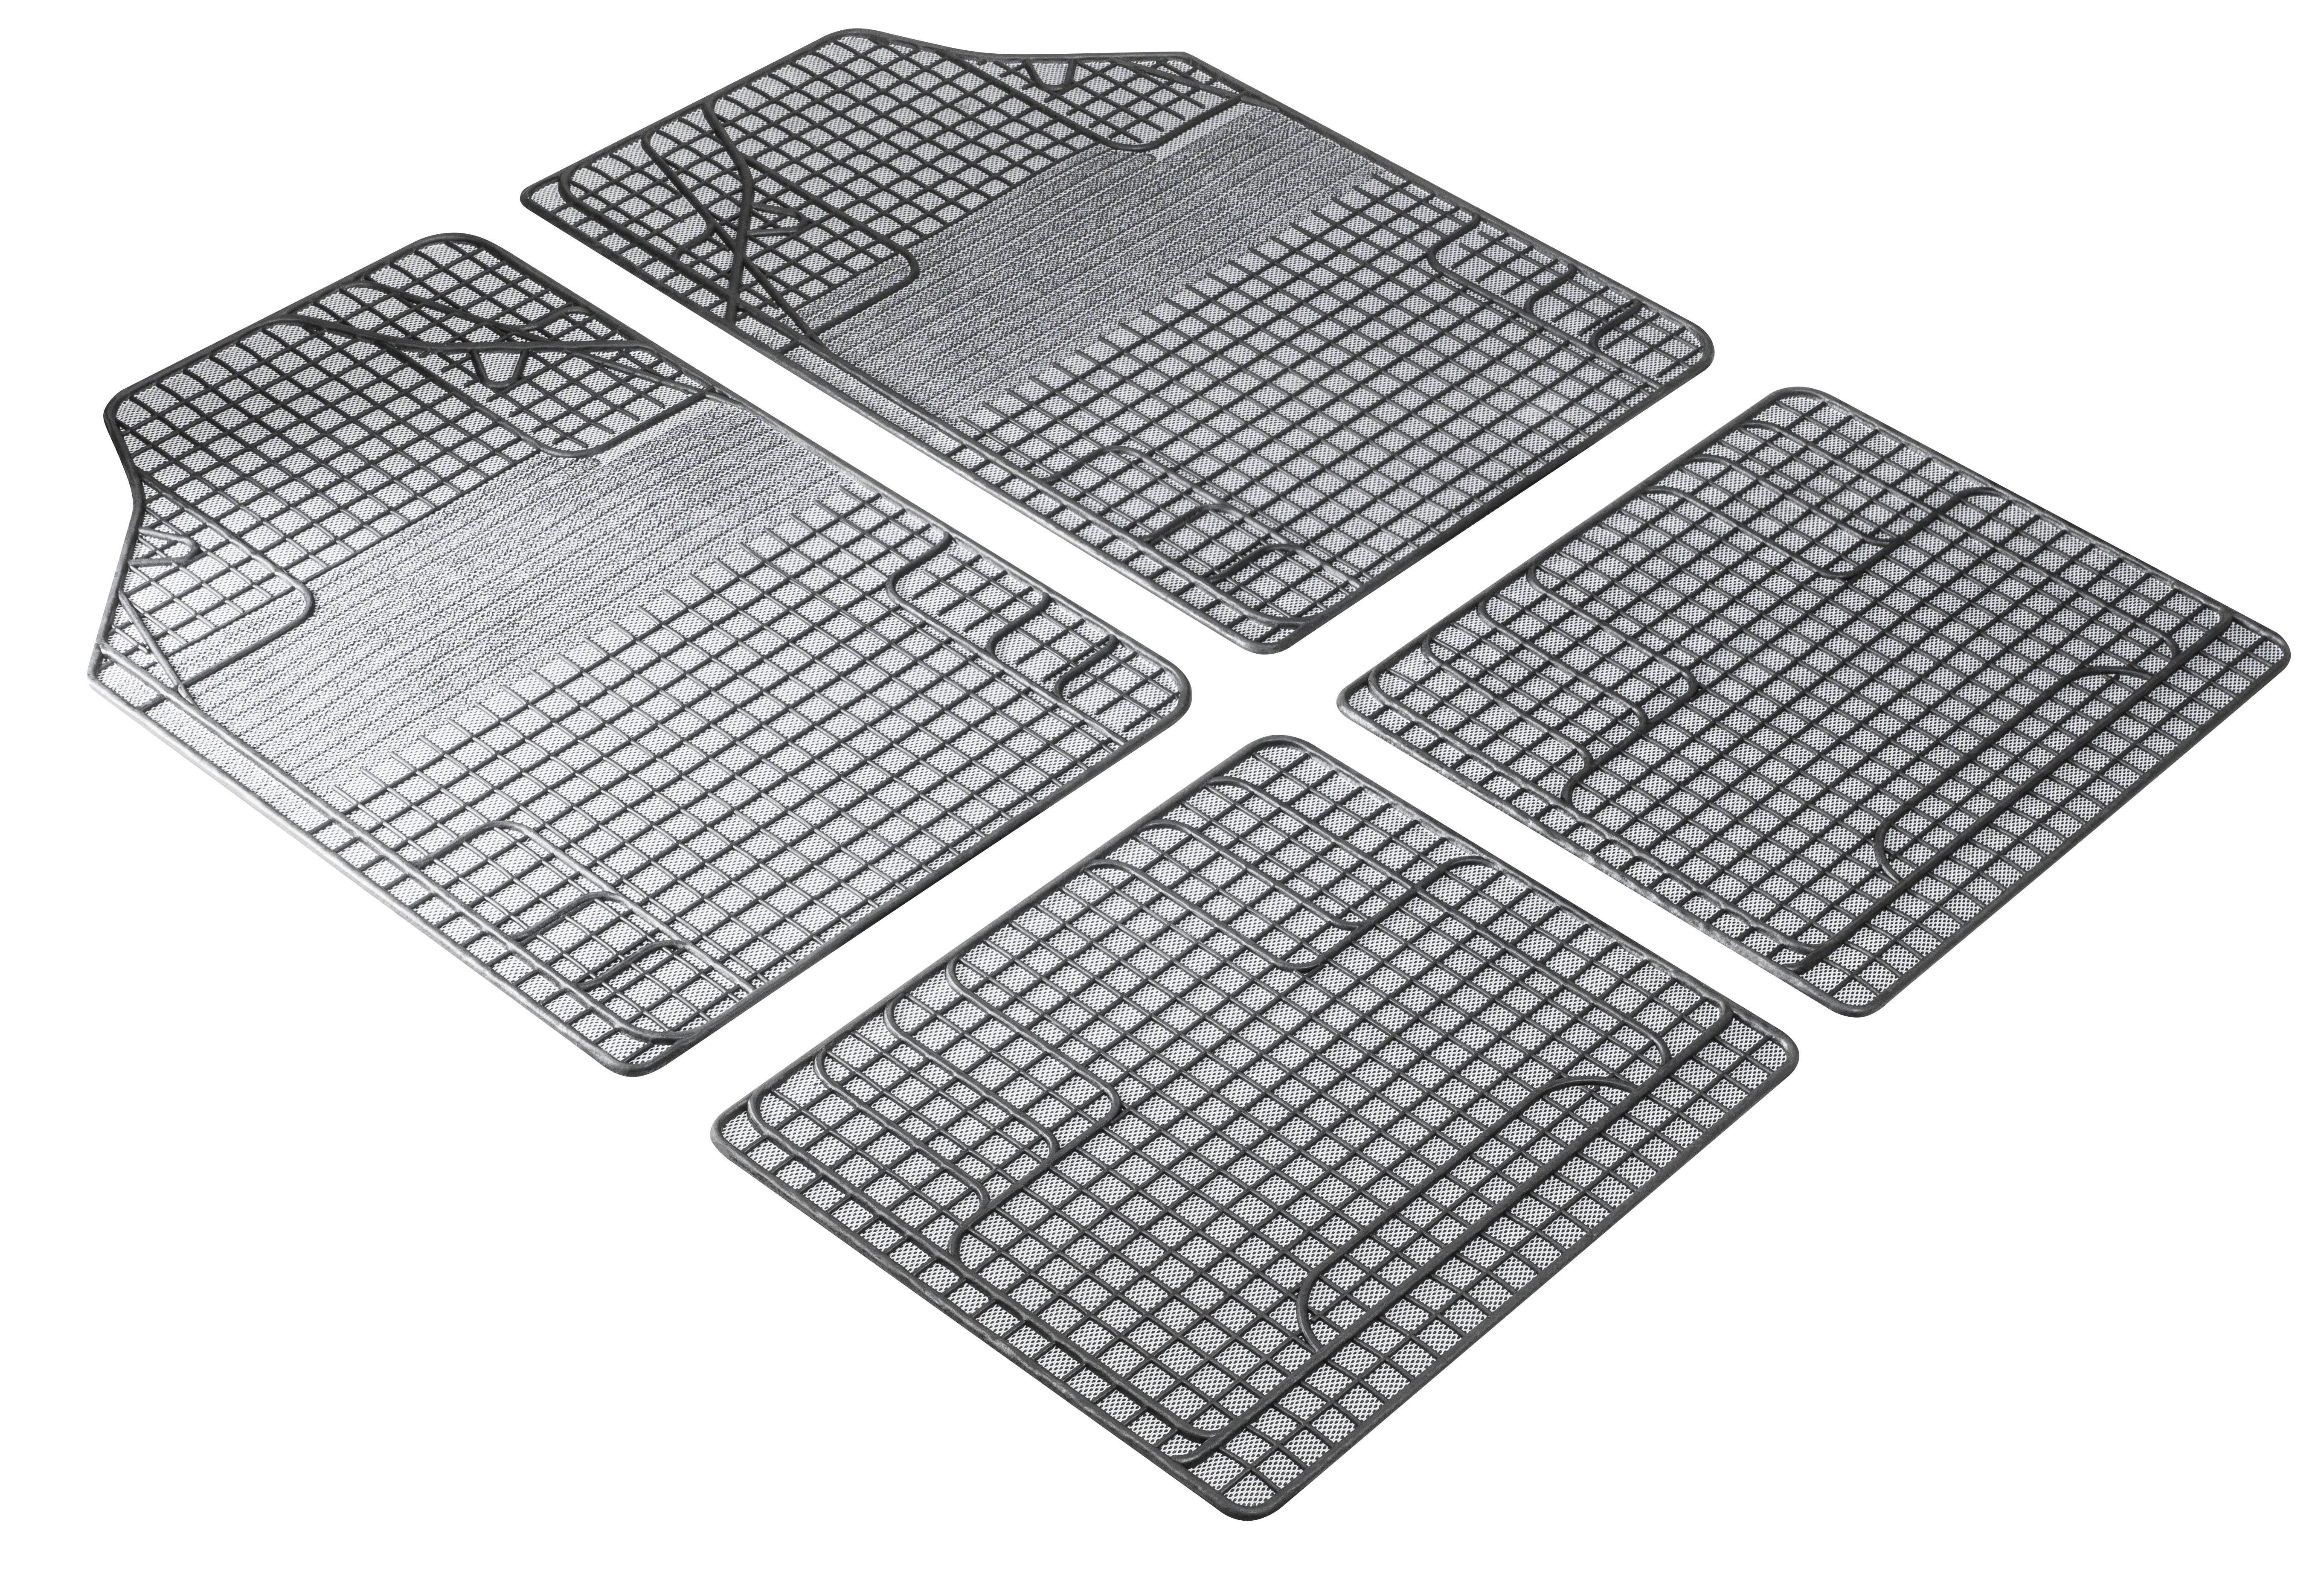 Ensemble de tapis de sol 28053 WALSER 28053 originales de qualité